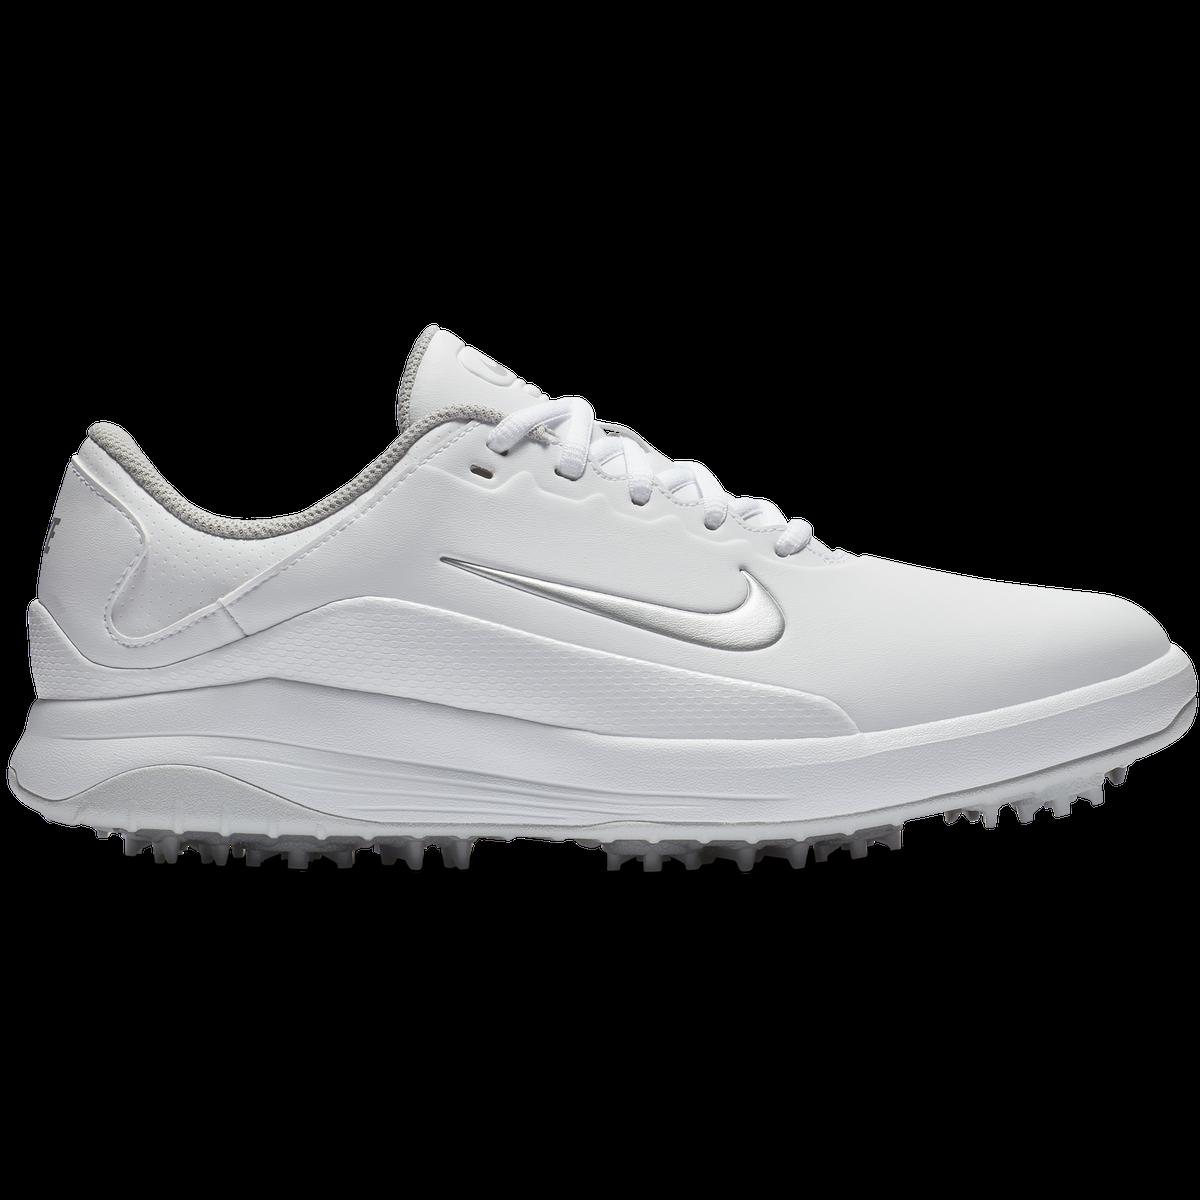 fd91cfba3338d2 Nike Vapor Men s Golf Shoe - White